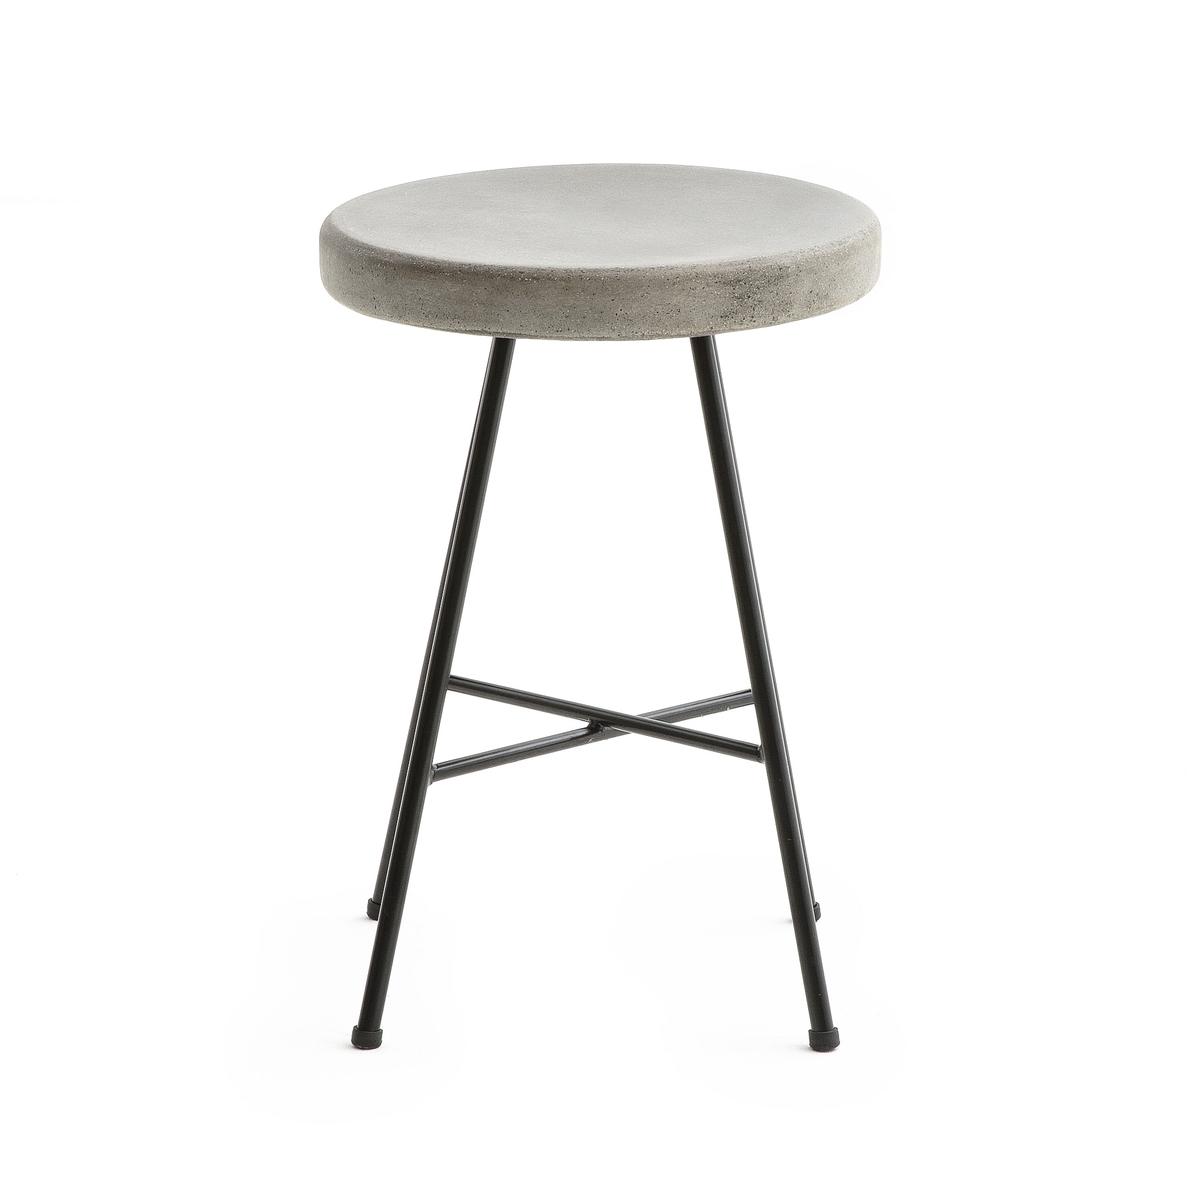 Табурет из цемента MyrteliТабурет Myrteli. Необработанный внешний вид благодаря сиденью из цемента, идеально подходит для использования на улице и в помещениях. Характеристики : - Сиденье из цемента толщиной 4 см- Каркас из металла с покрытием эпоксидной краской черного цветаРазмер : - ?32 x В44,6 см.Размеры и вес упаковки : - Ш41 x В52 x Г41 см, 9,2 кг<br><br>Цвет: серый цементовый